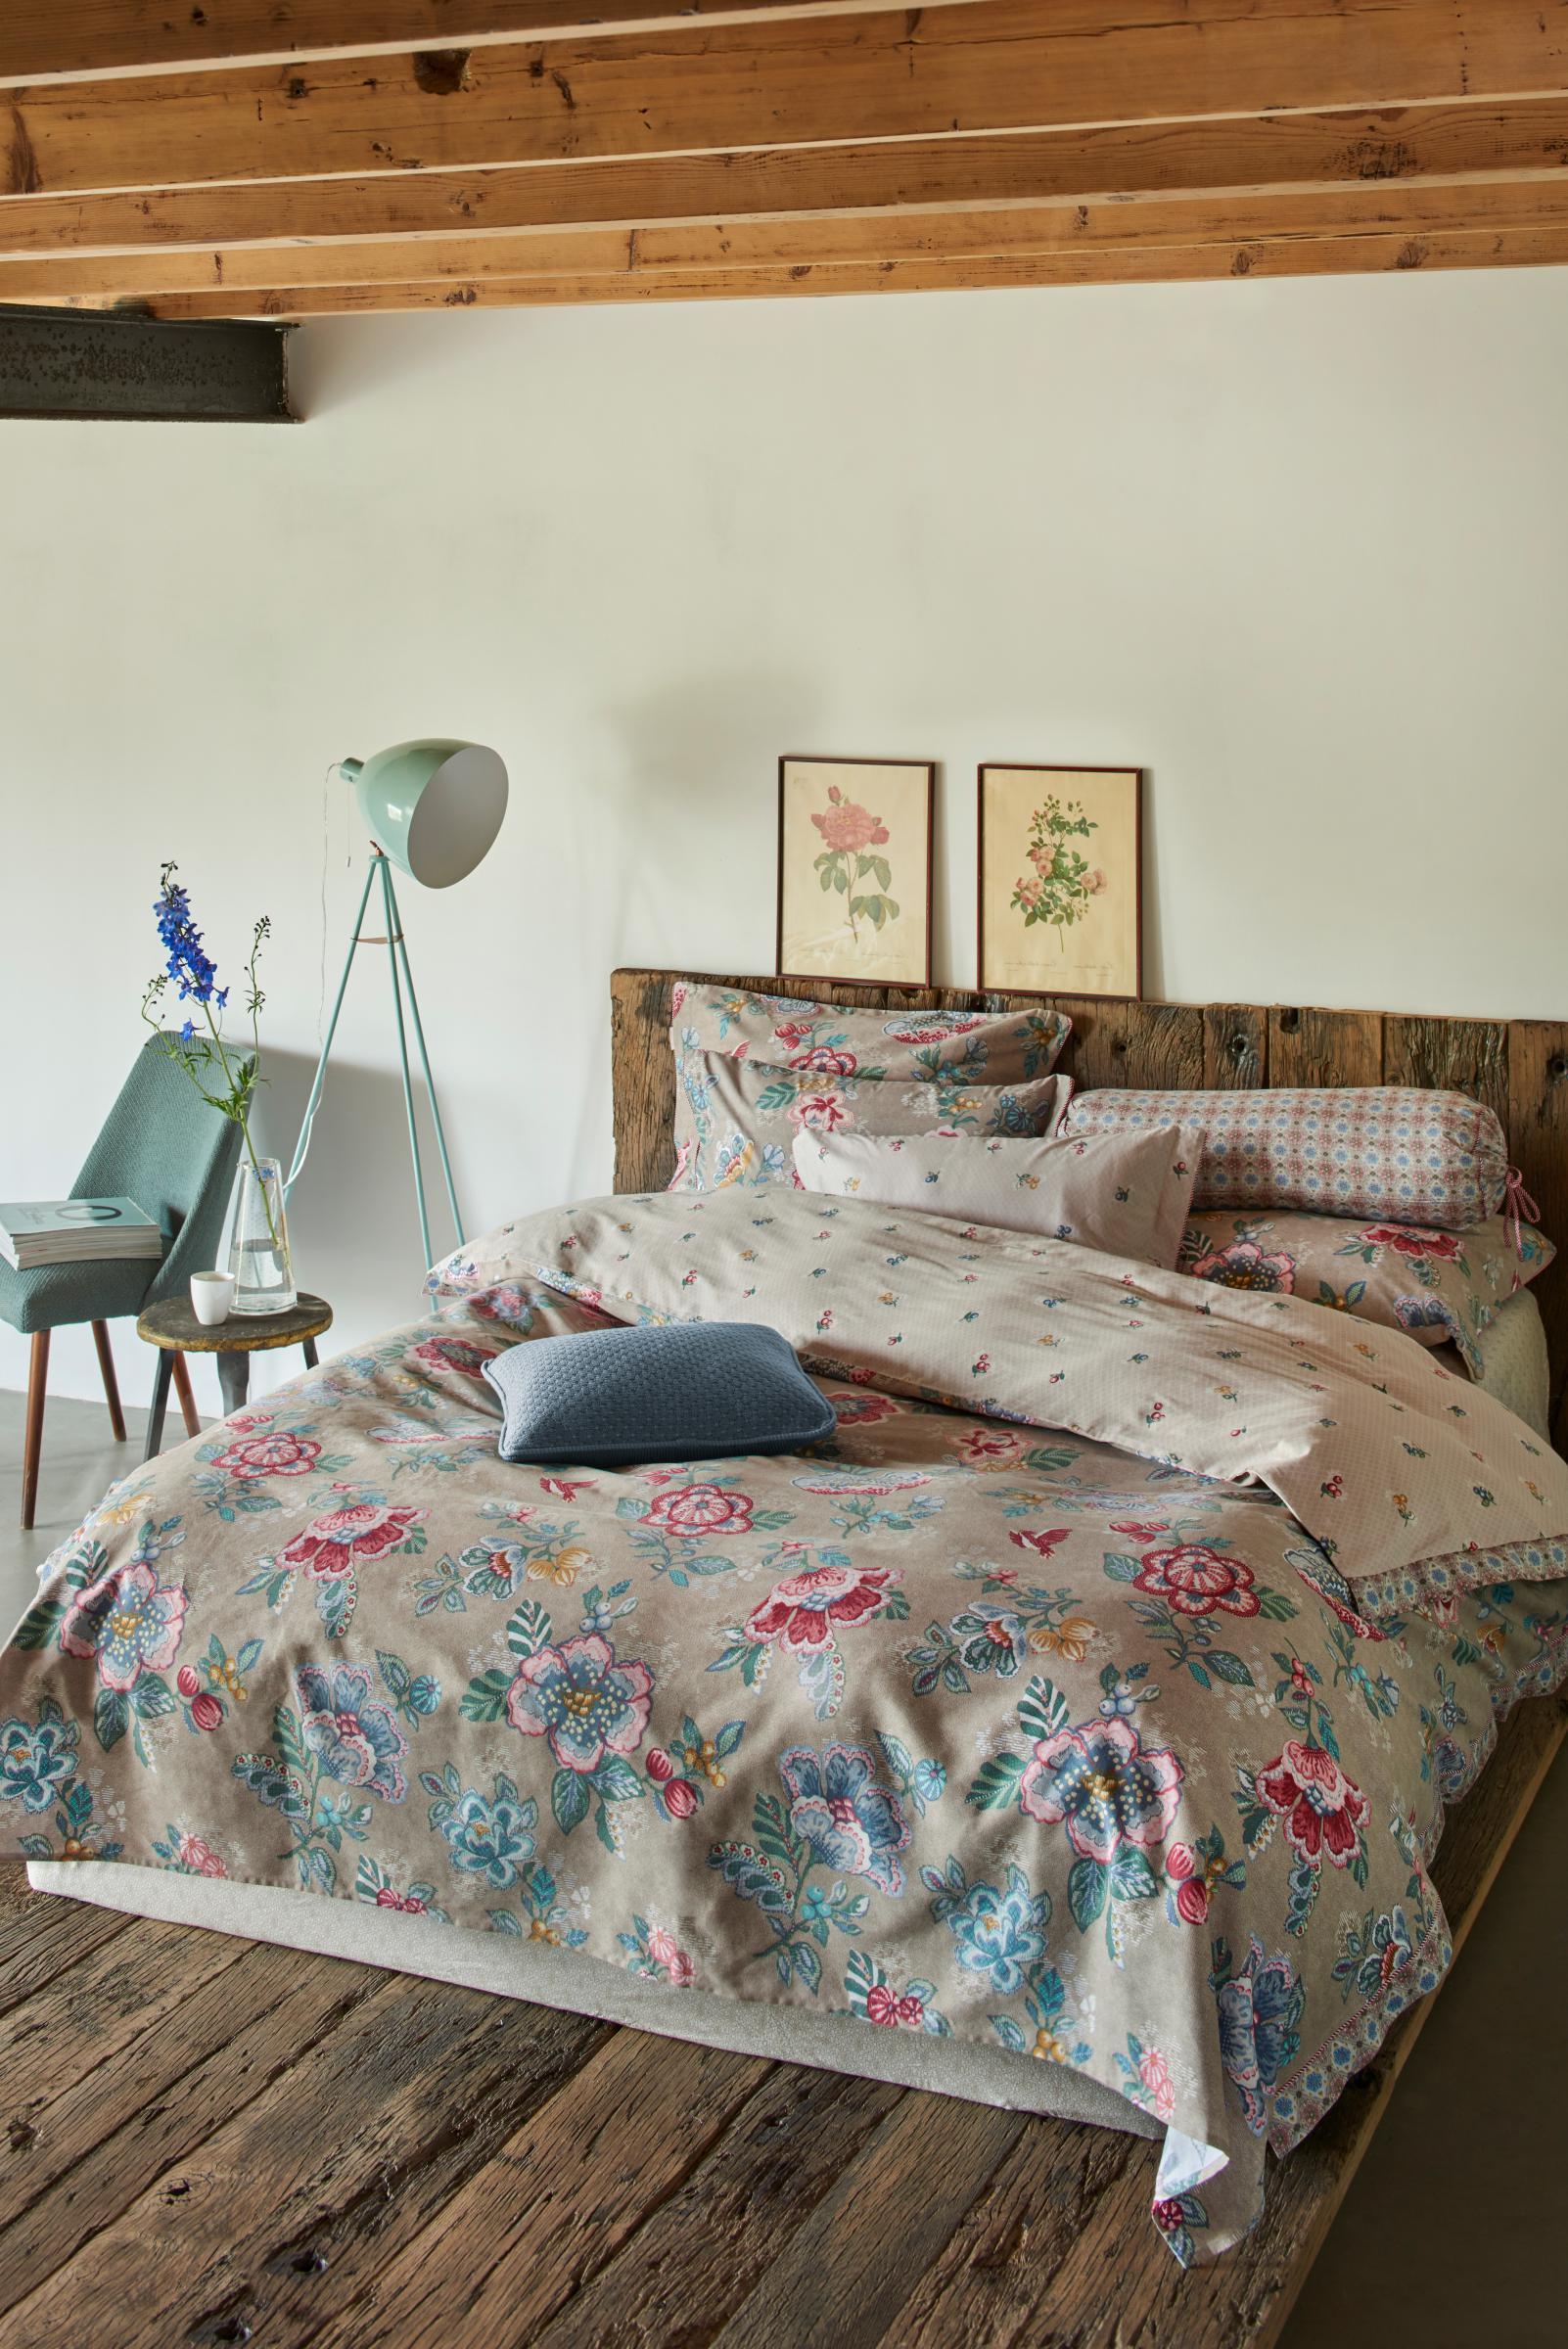 bettw sche 155x220 80x80 cm von pip studio berry bird farbe khaki kaufen bei betten krebs. Black Bedroom Furniture Sets. Home Design Ideas